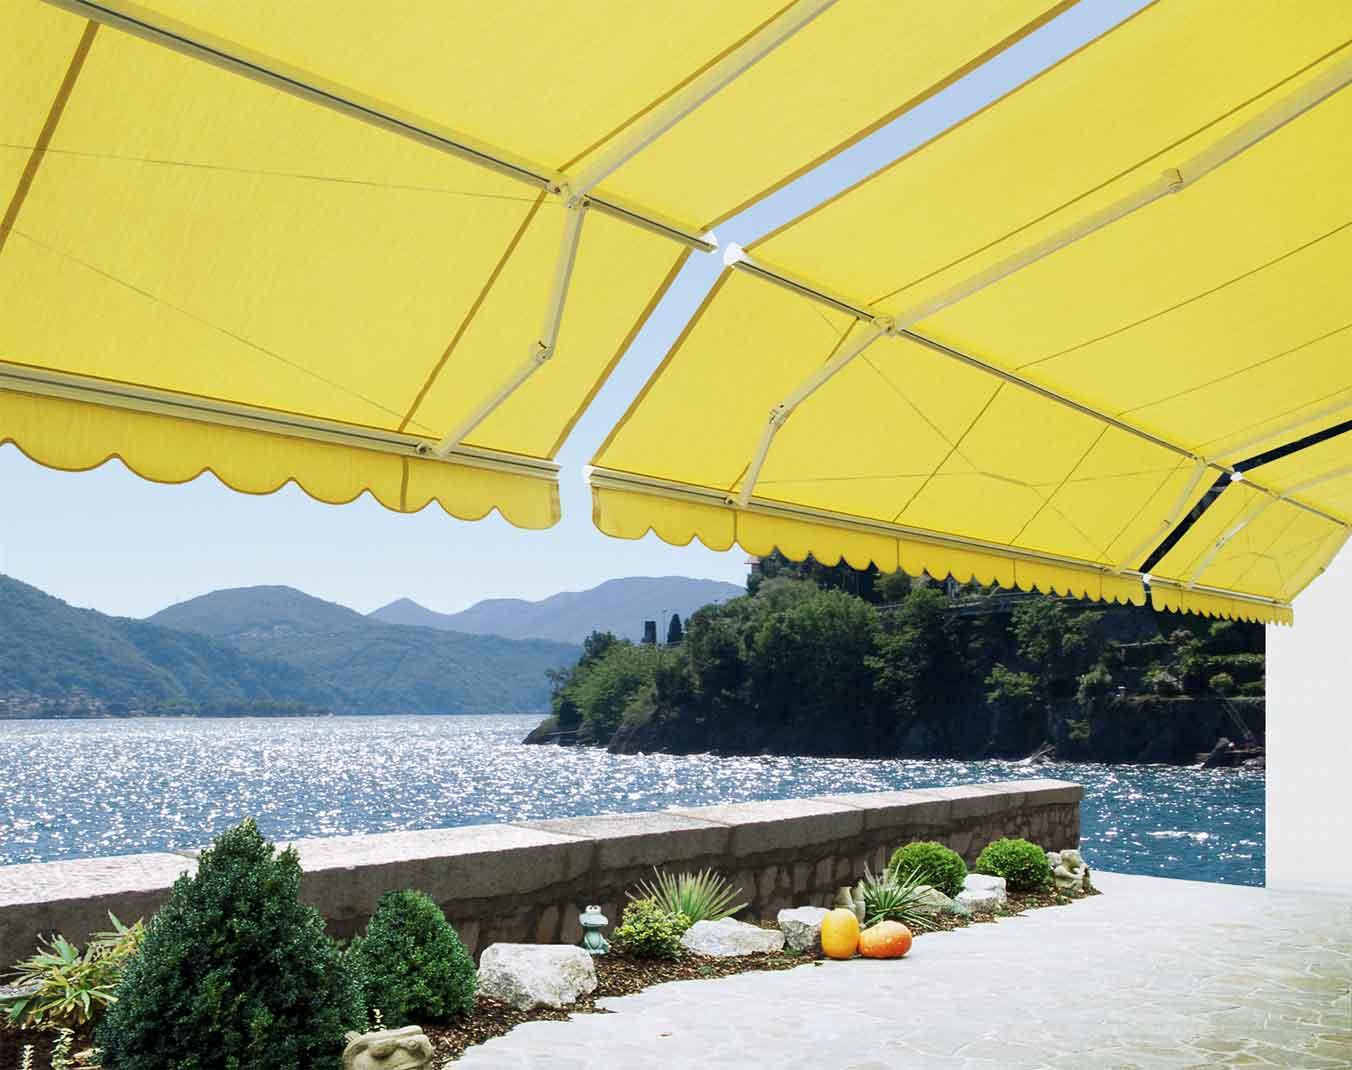 Mauri tende tende per esterno monza - Tende ombreggianti per esterno ...